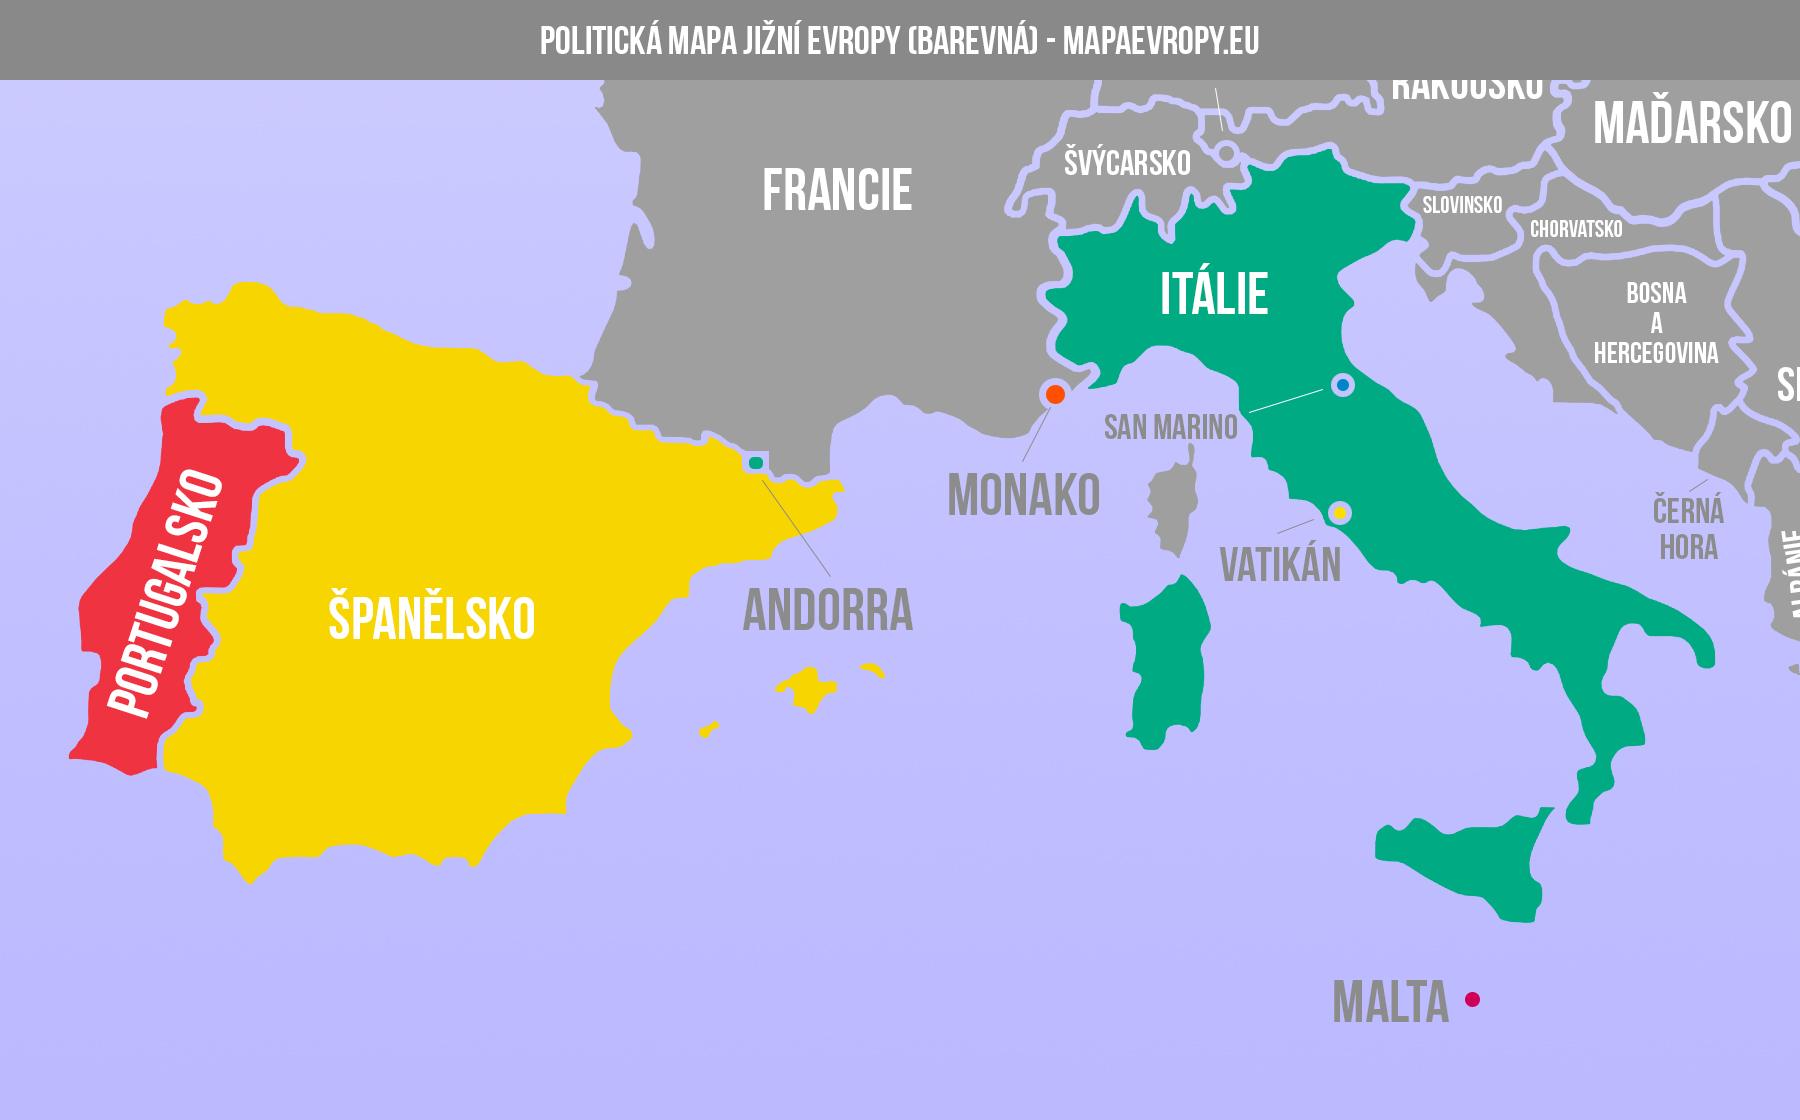 Mapa Jizni Evropy Politicka A Slepa Mapaevropy Cz